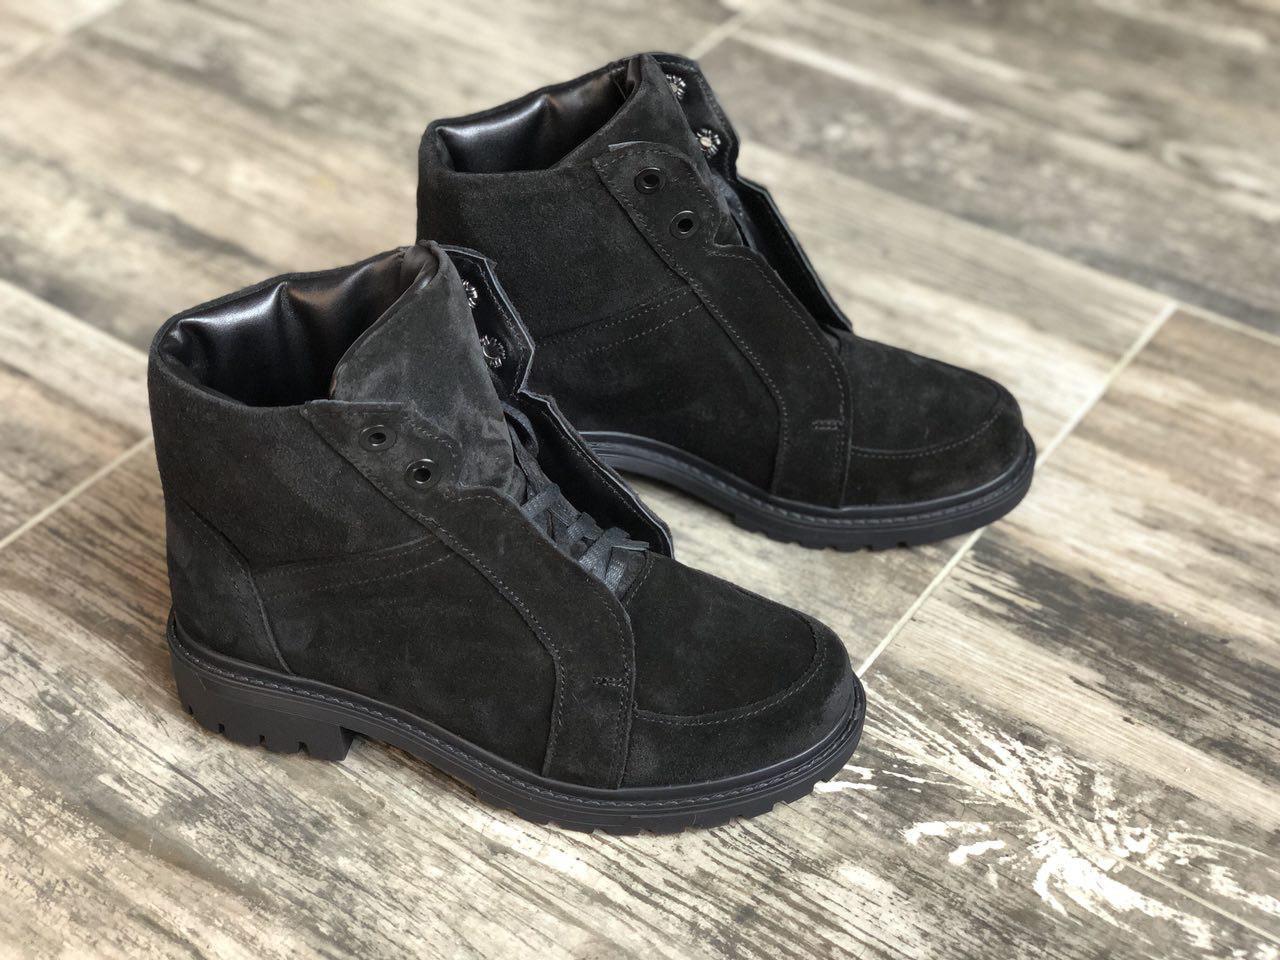 Ботинки из натуральной черной замши №566-3  (астра 12 черн)